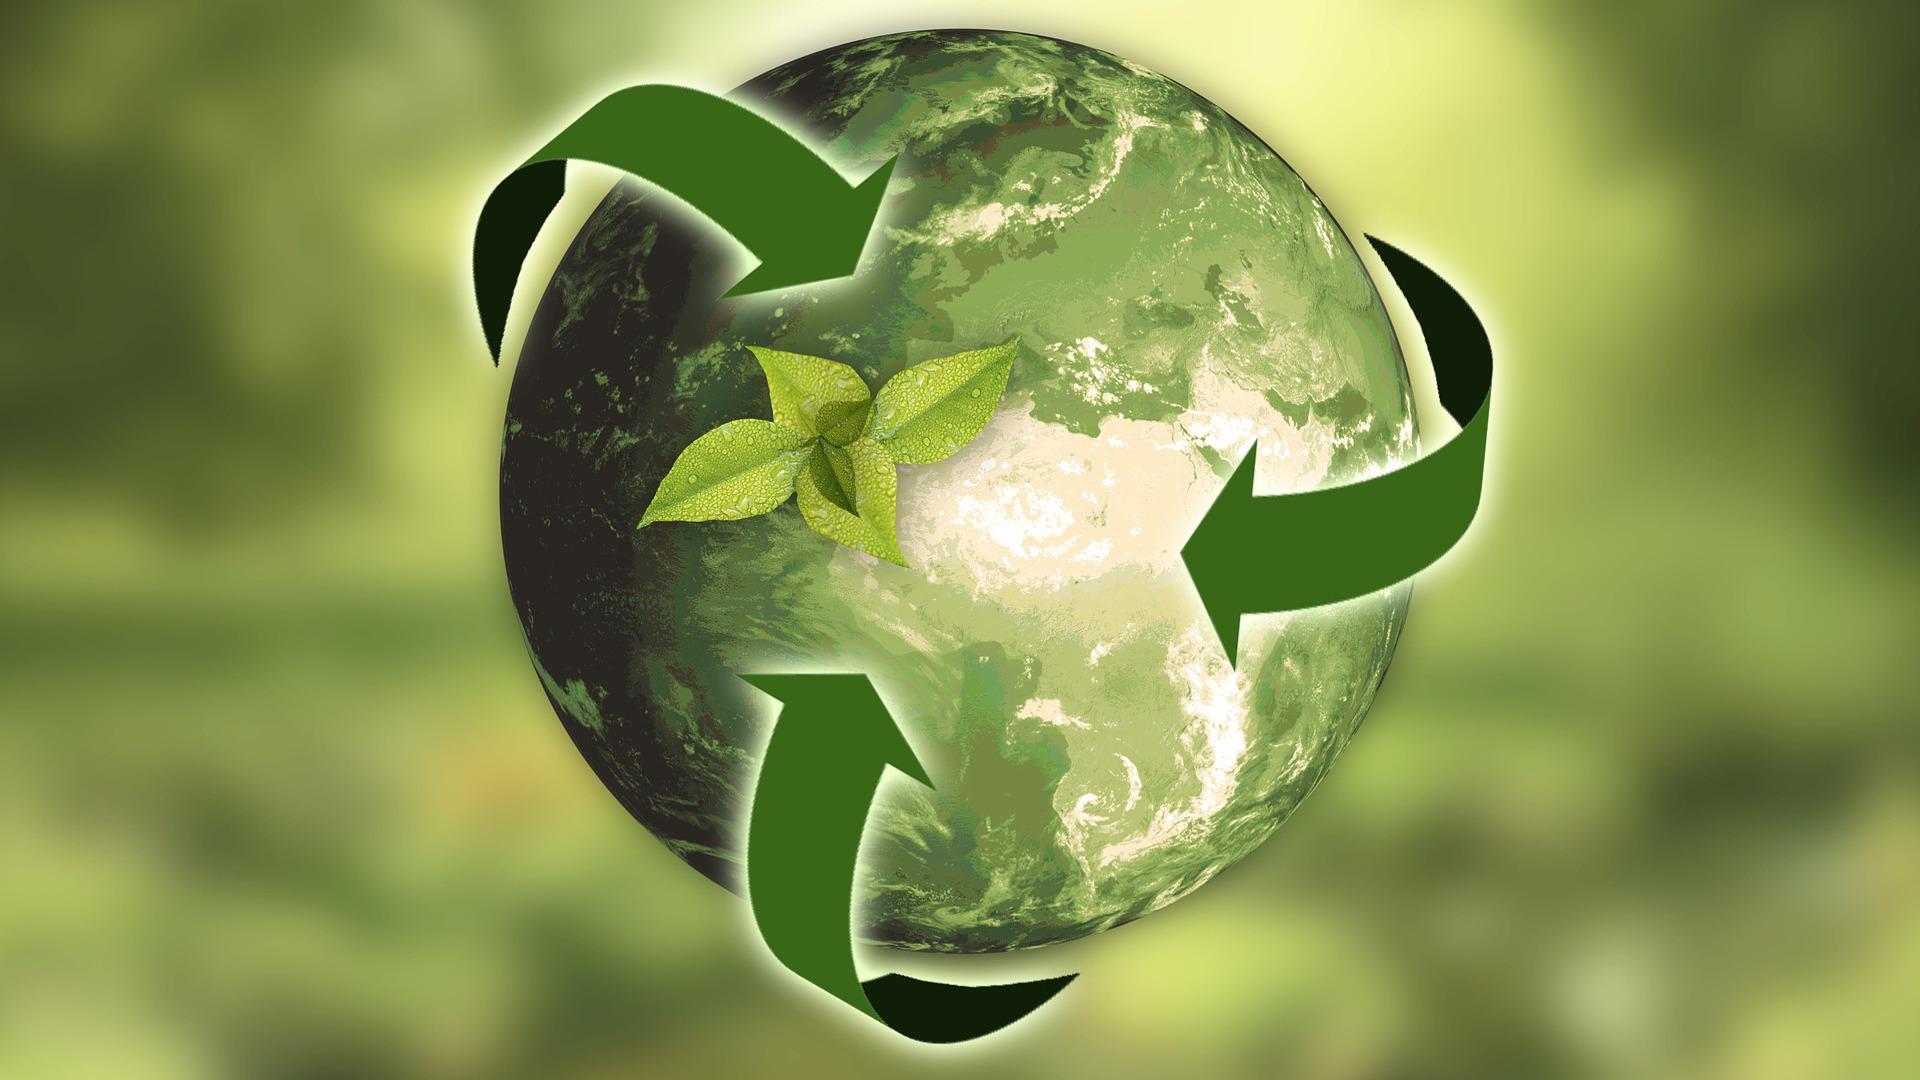 consejos-basicos-para-que-una-empresa-sea-mas-sostenible-1920